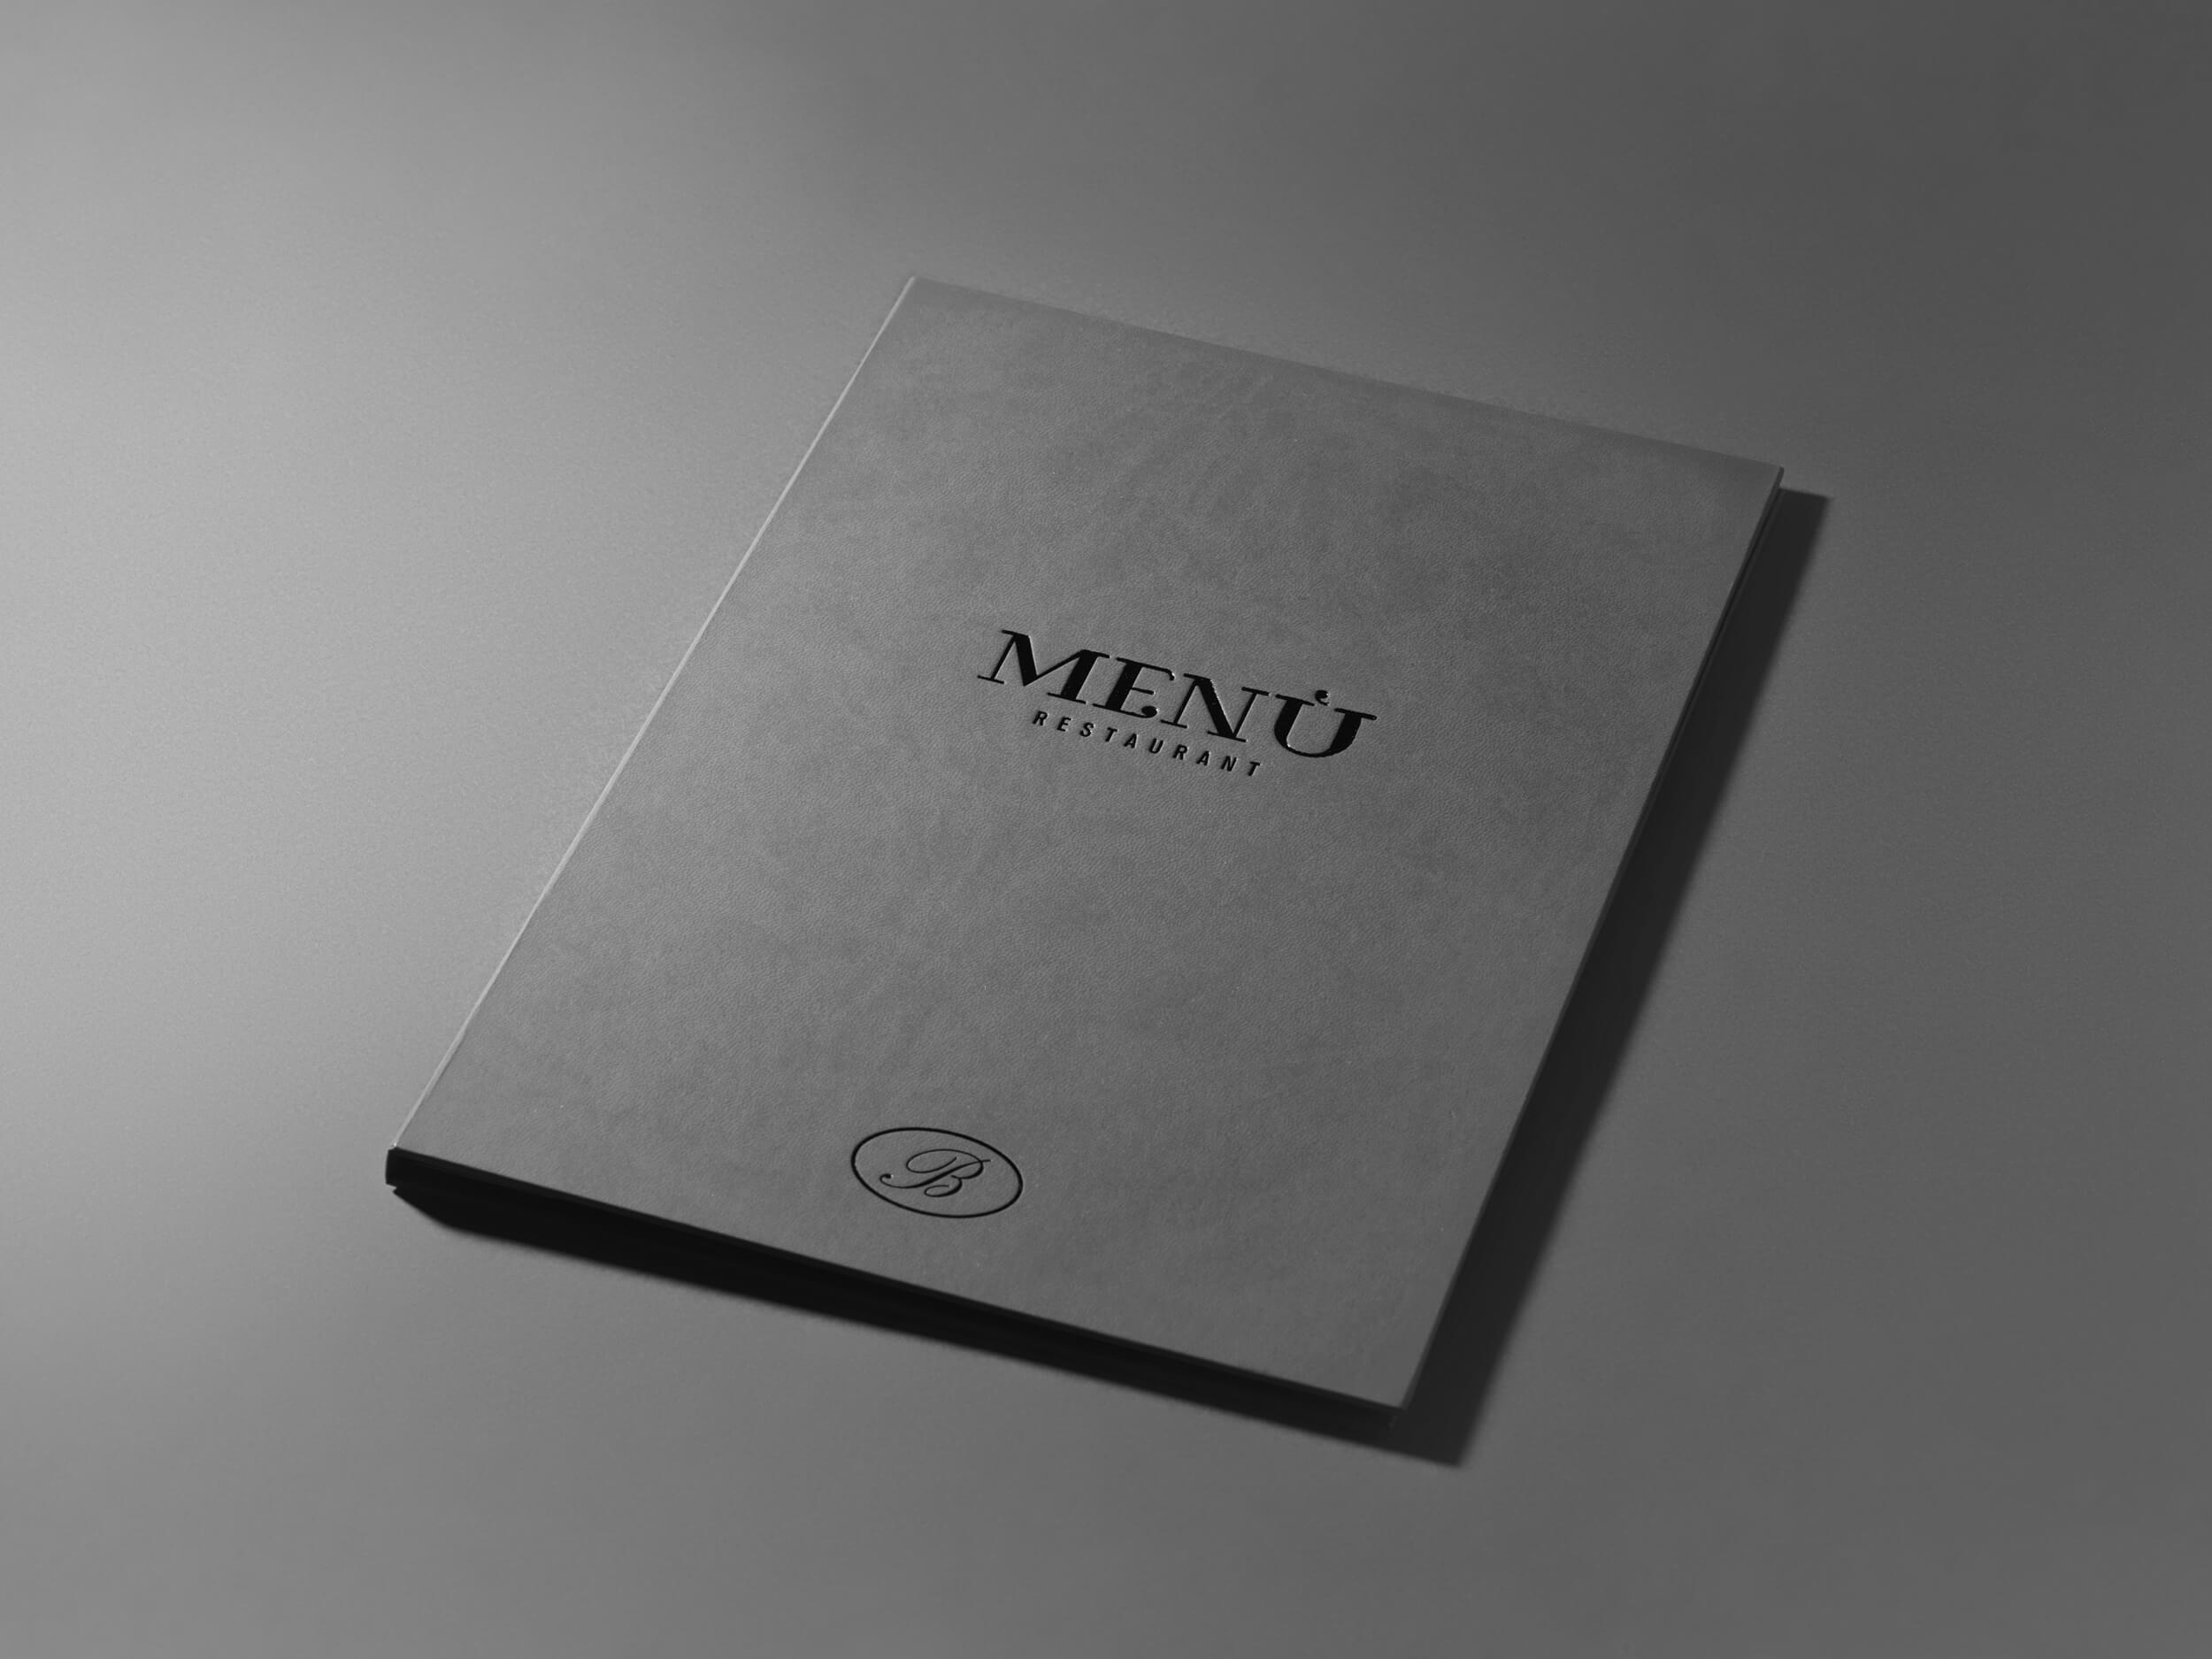 bbadv-menu-bricco-e-bacco-close-up-01